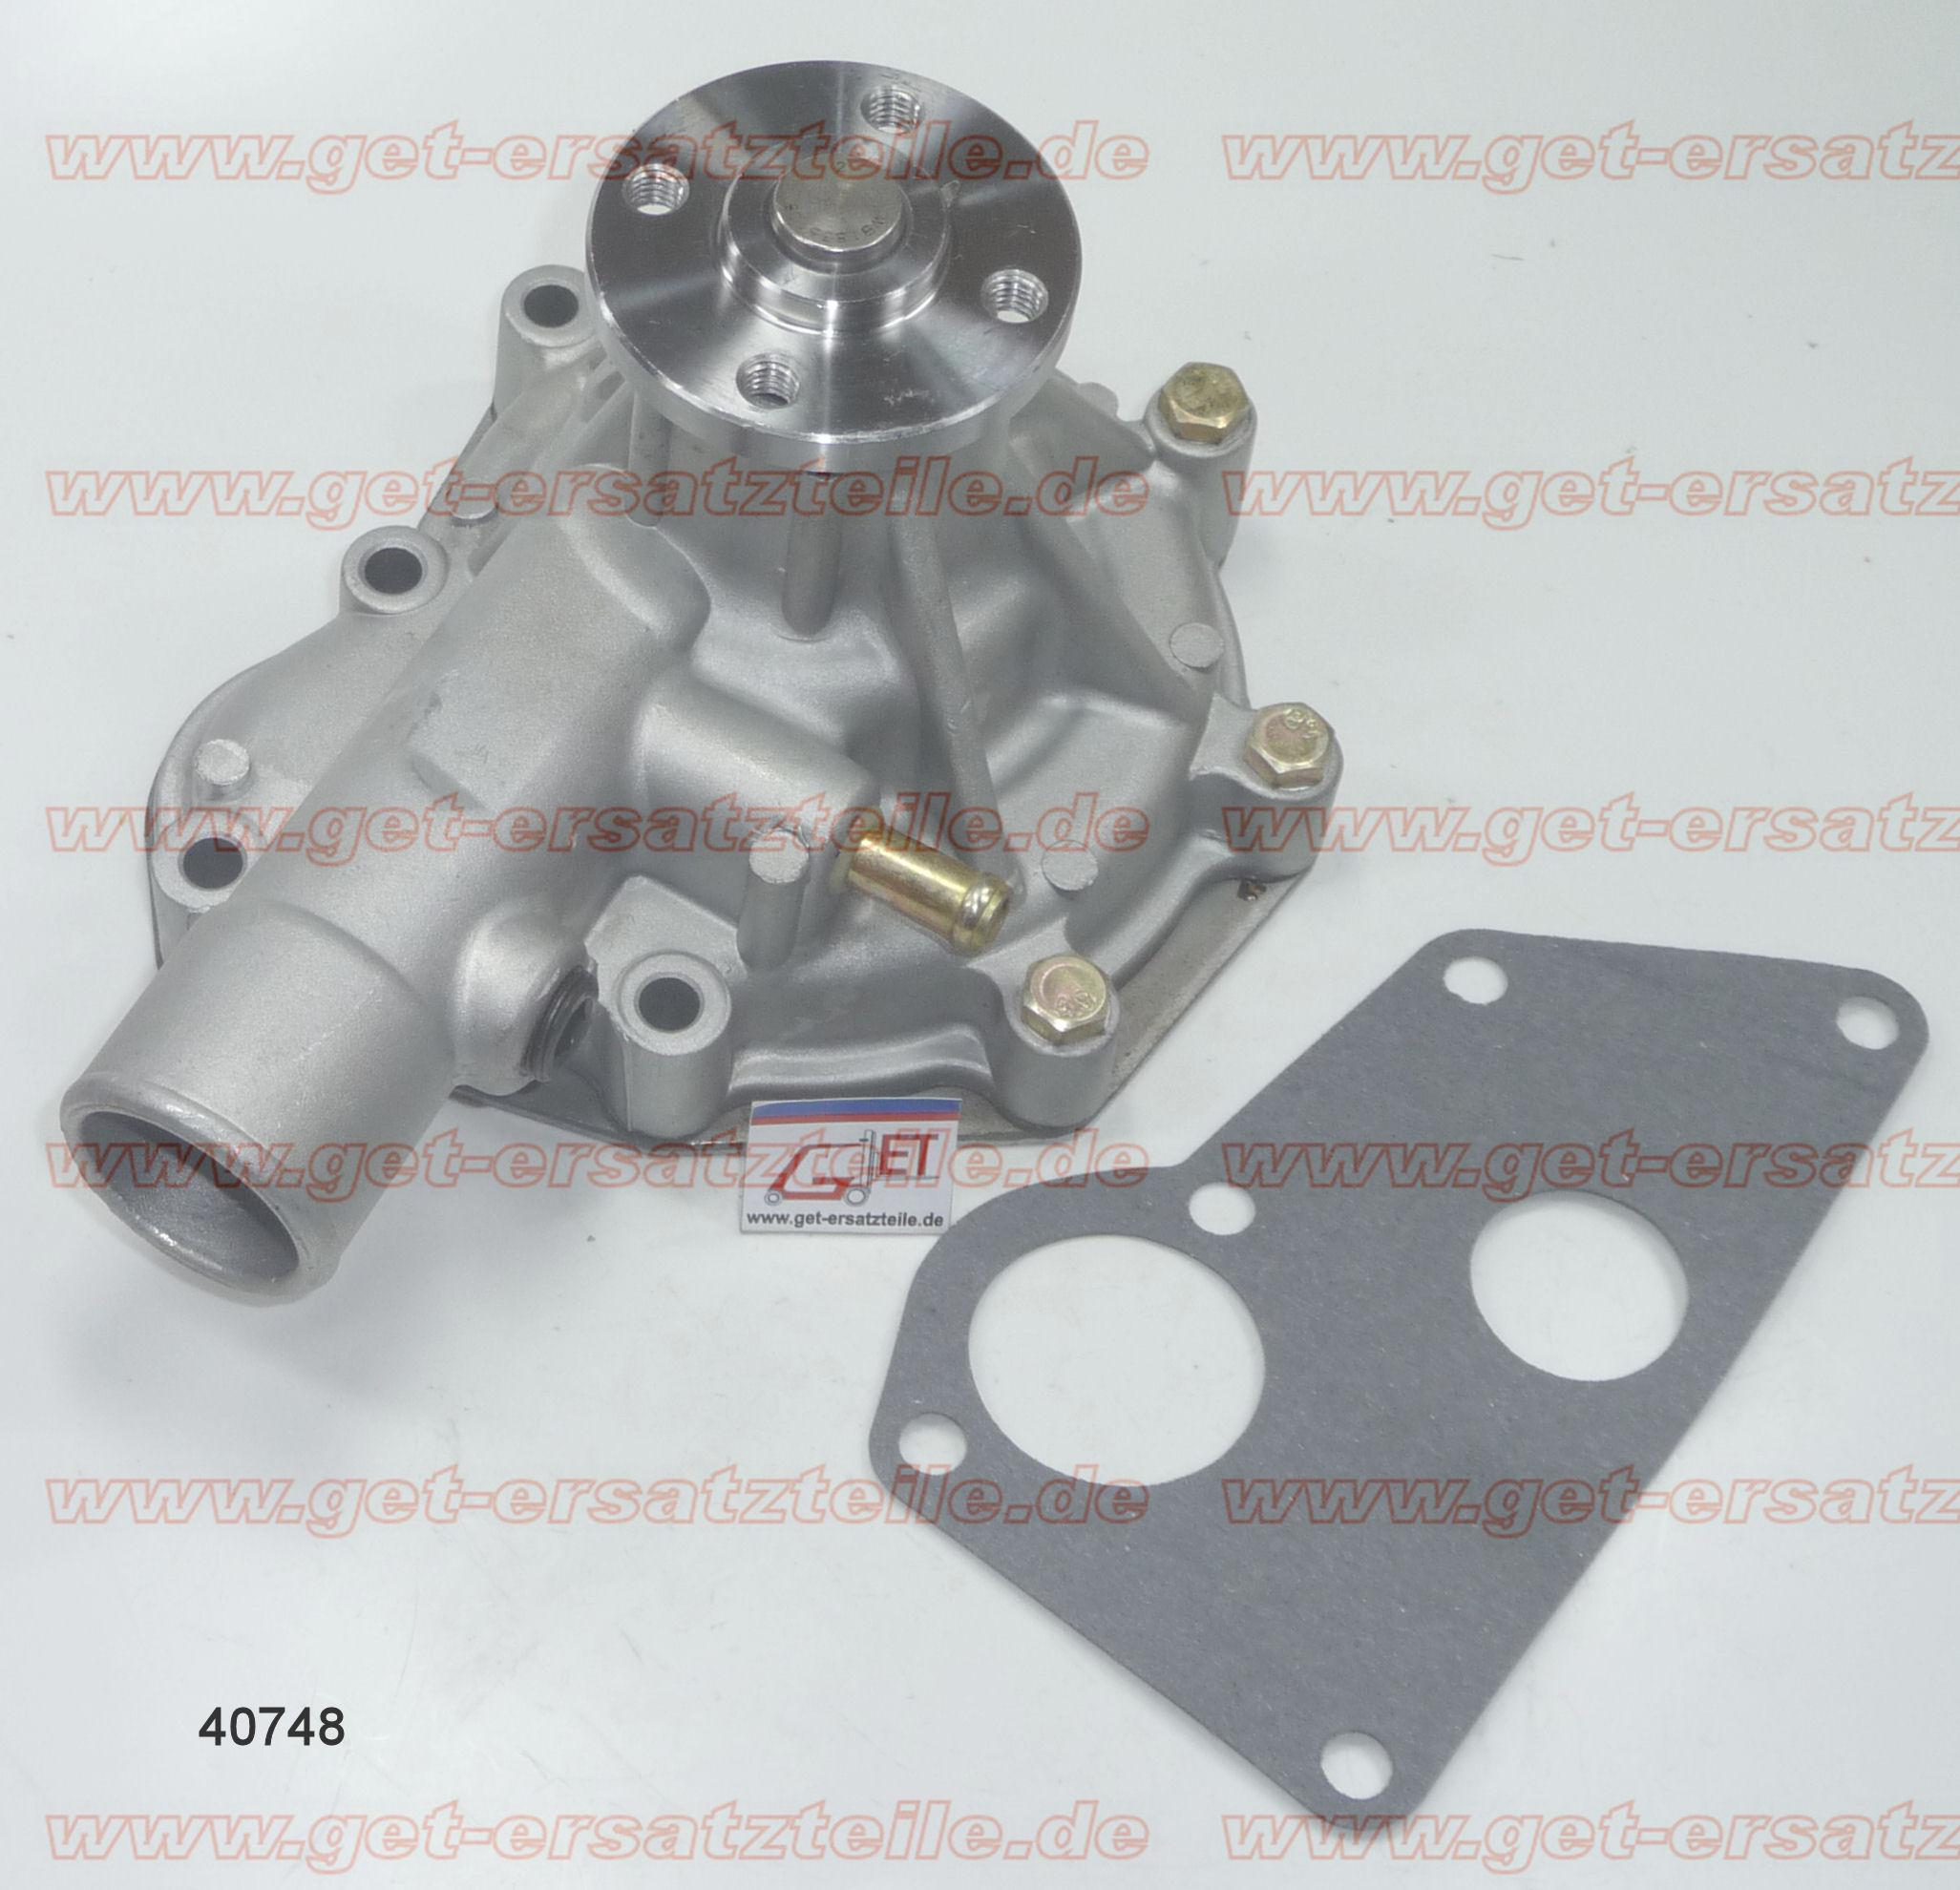 Wasserpumpen für Mitsubishi Motoren und Gabelstapler von GET ...